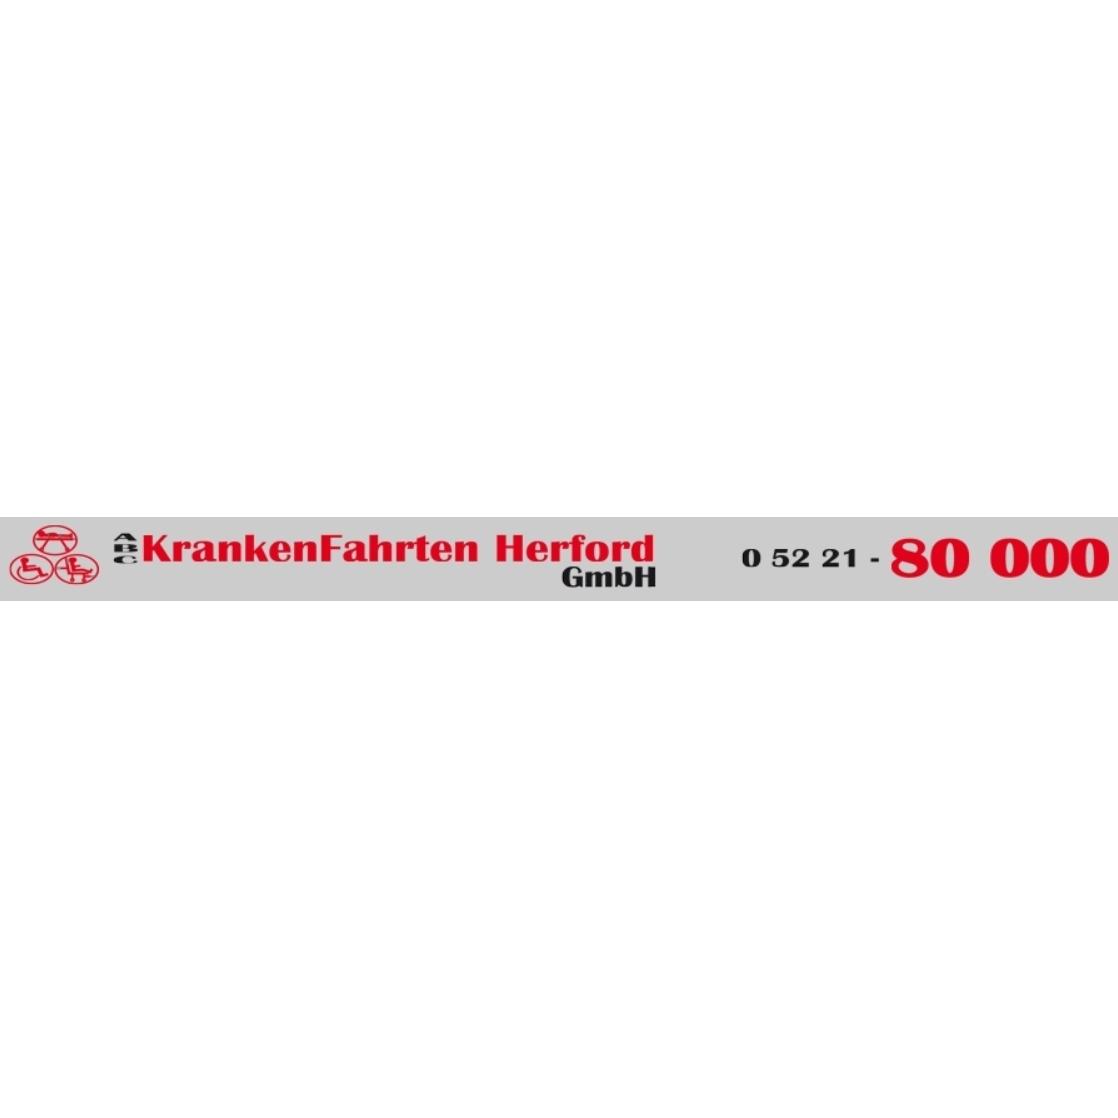 ABC Krankenfahrten Herford GmbH